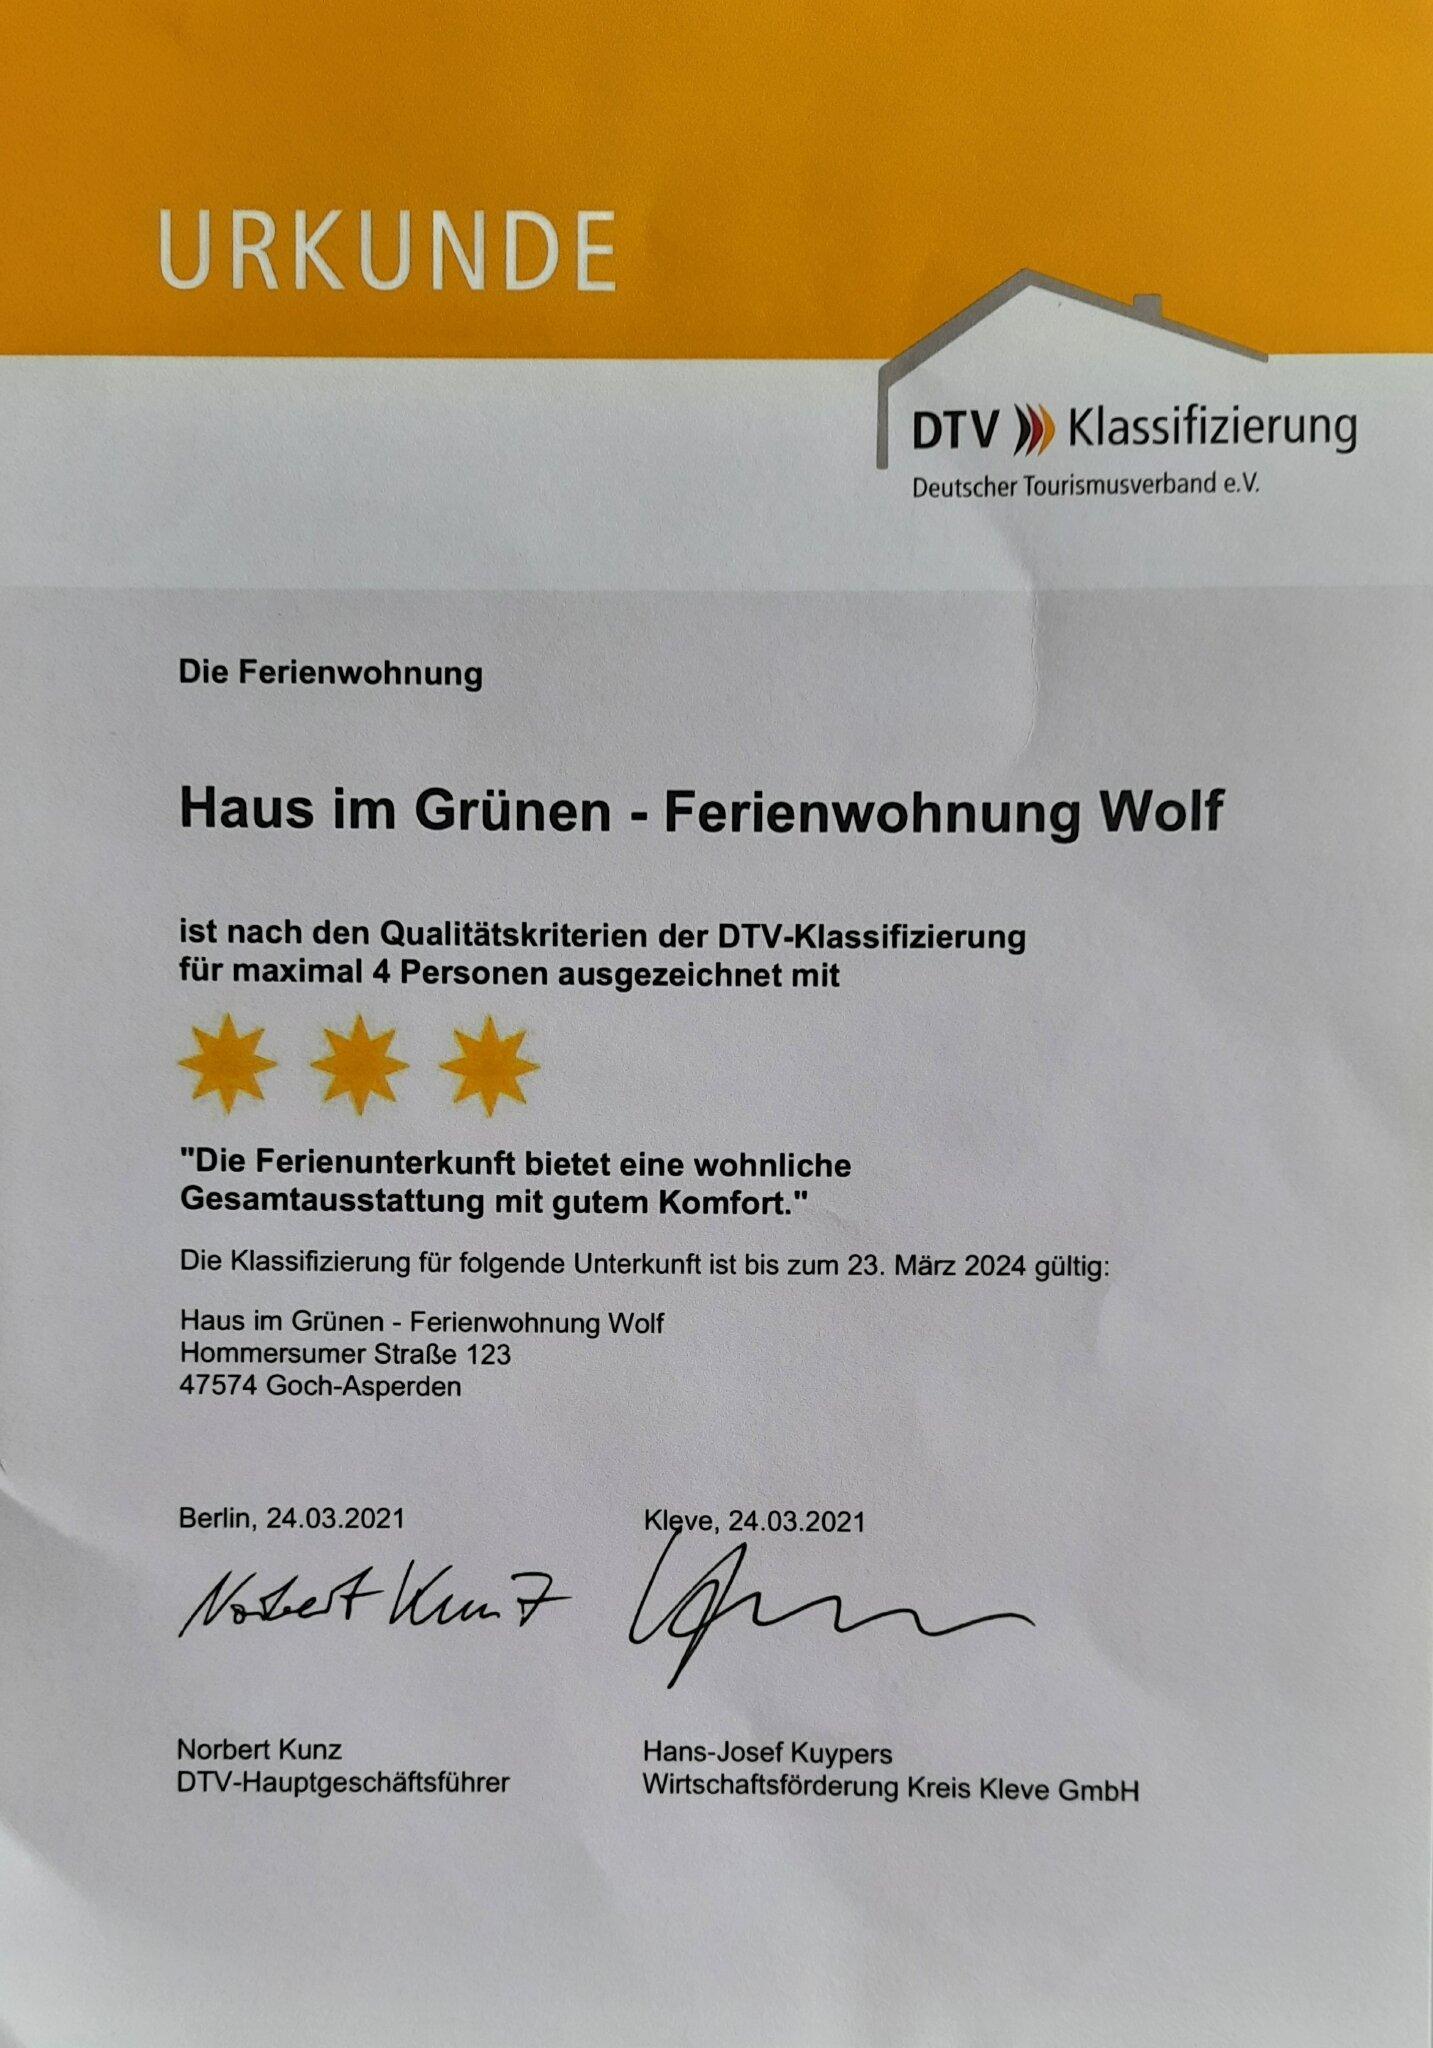 Bestätigung DTV 3 Sterne Ferienwohnung